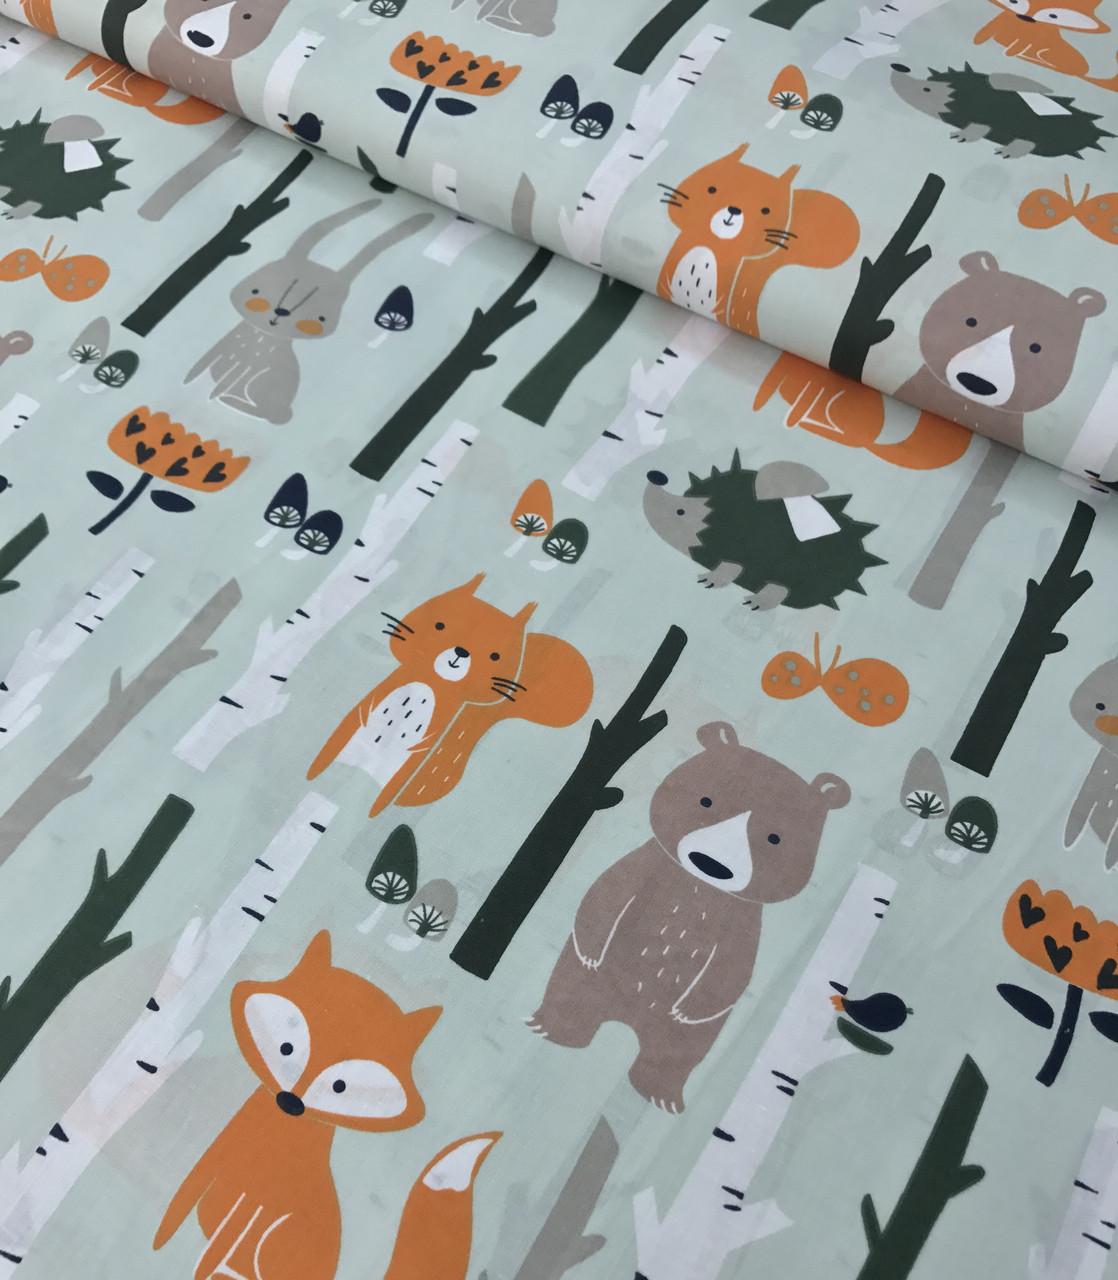 77762fc539a25 Хлопковая ткань польская лисички, мишки в лесу на мятном №559 от ...